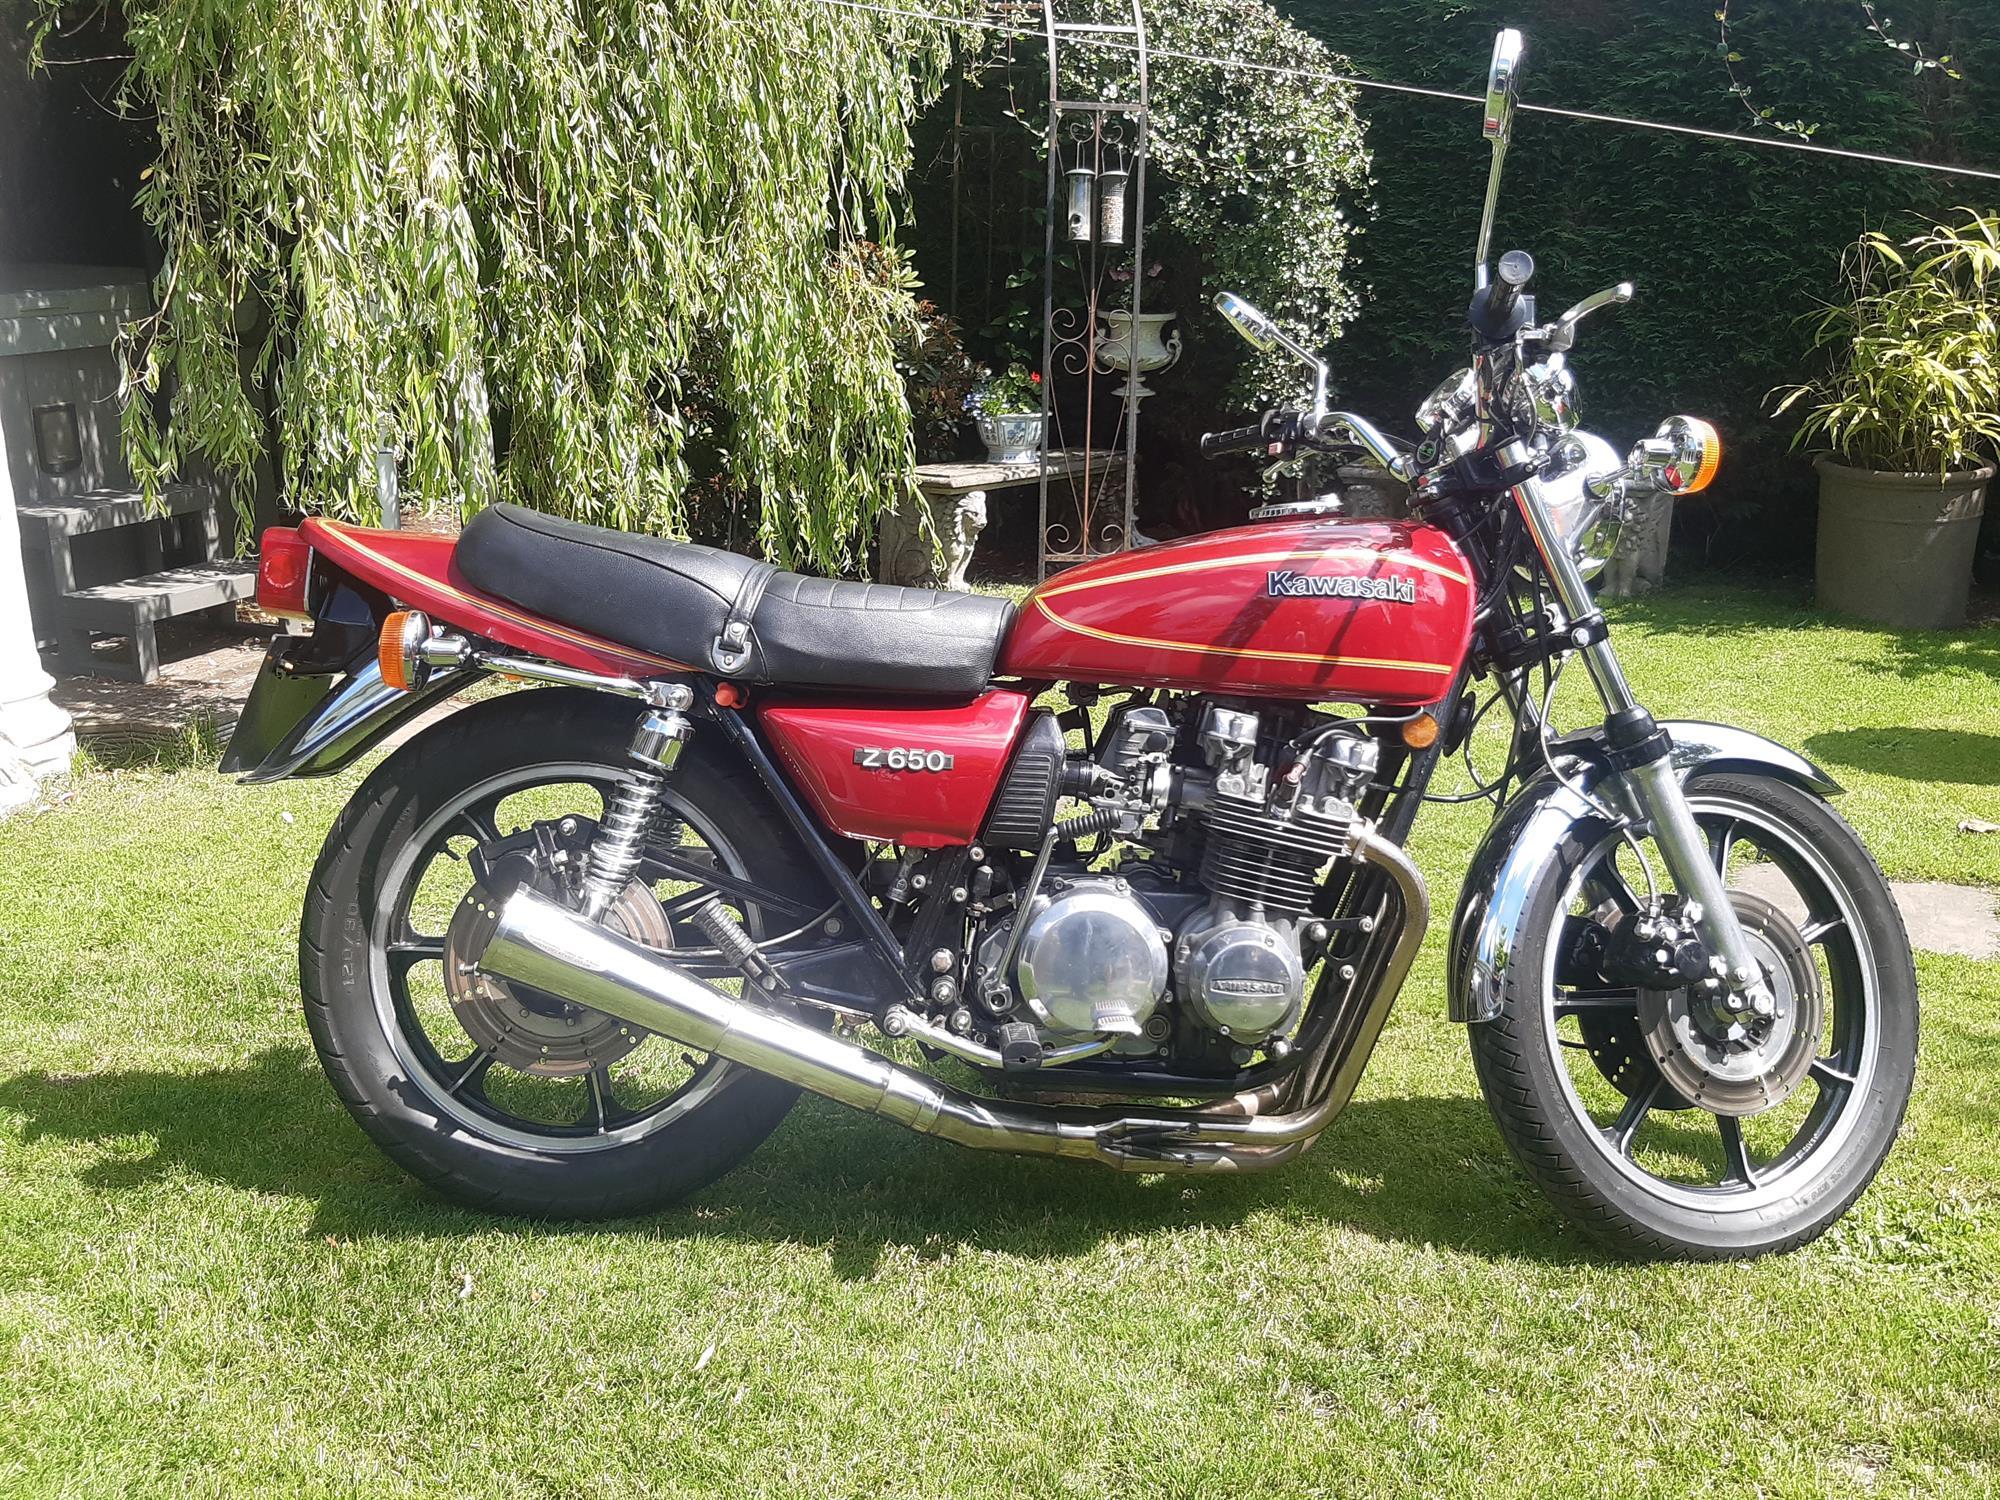 1979 Kawasaki Z650